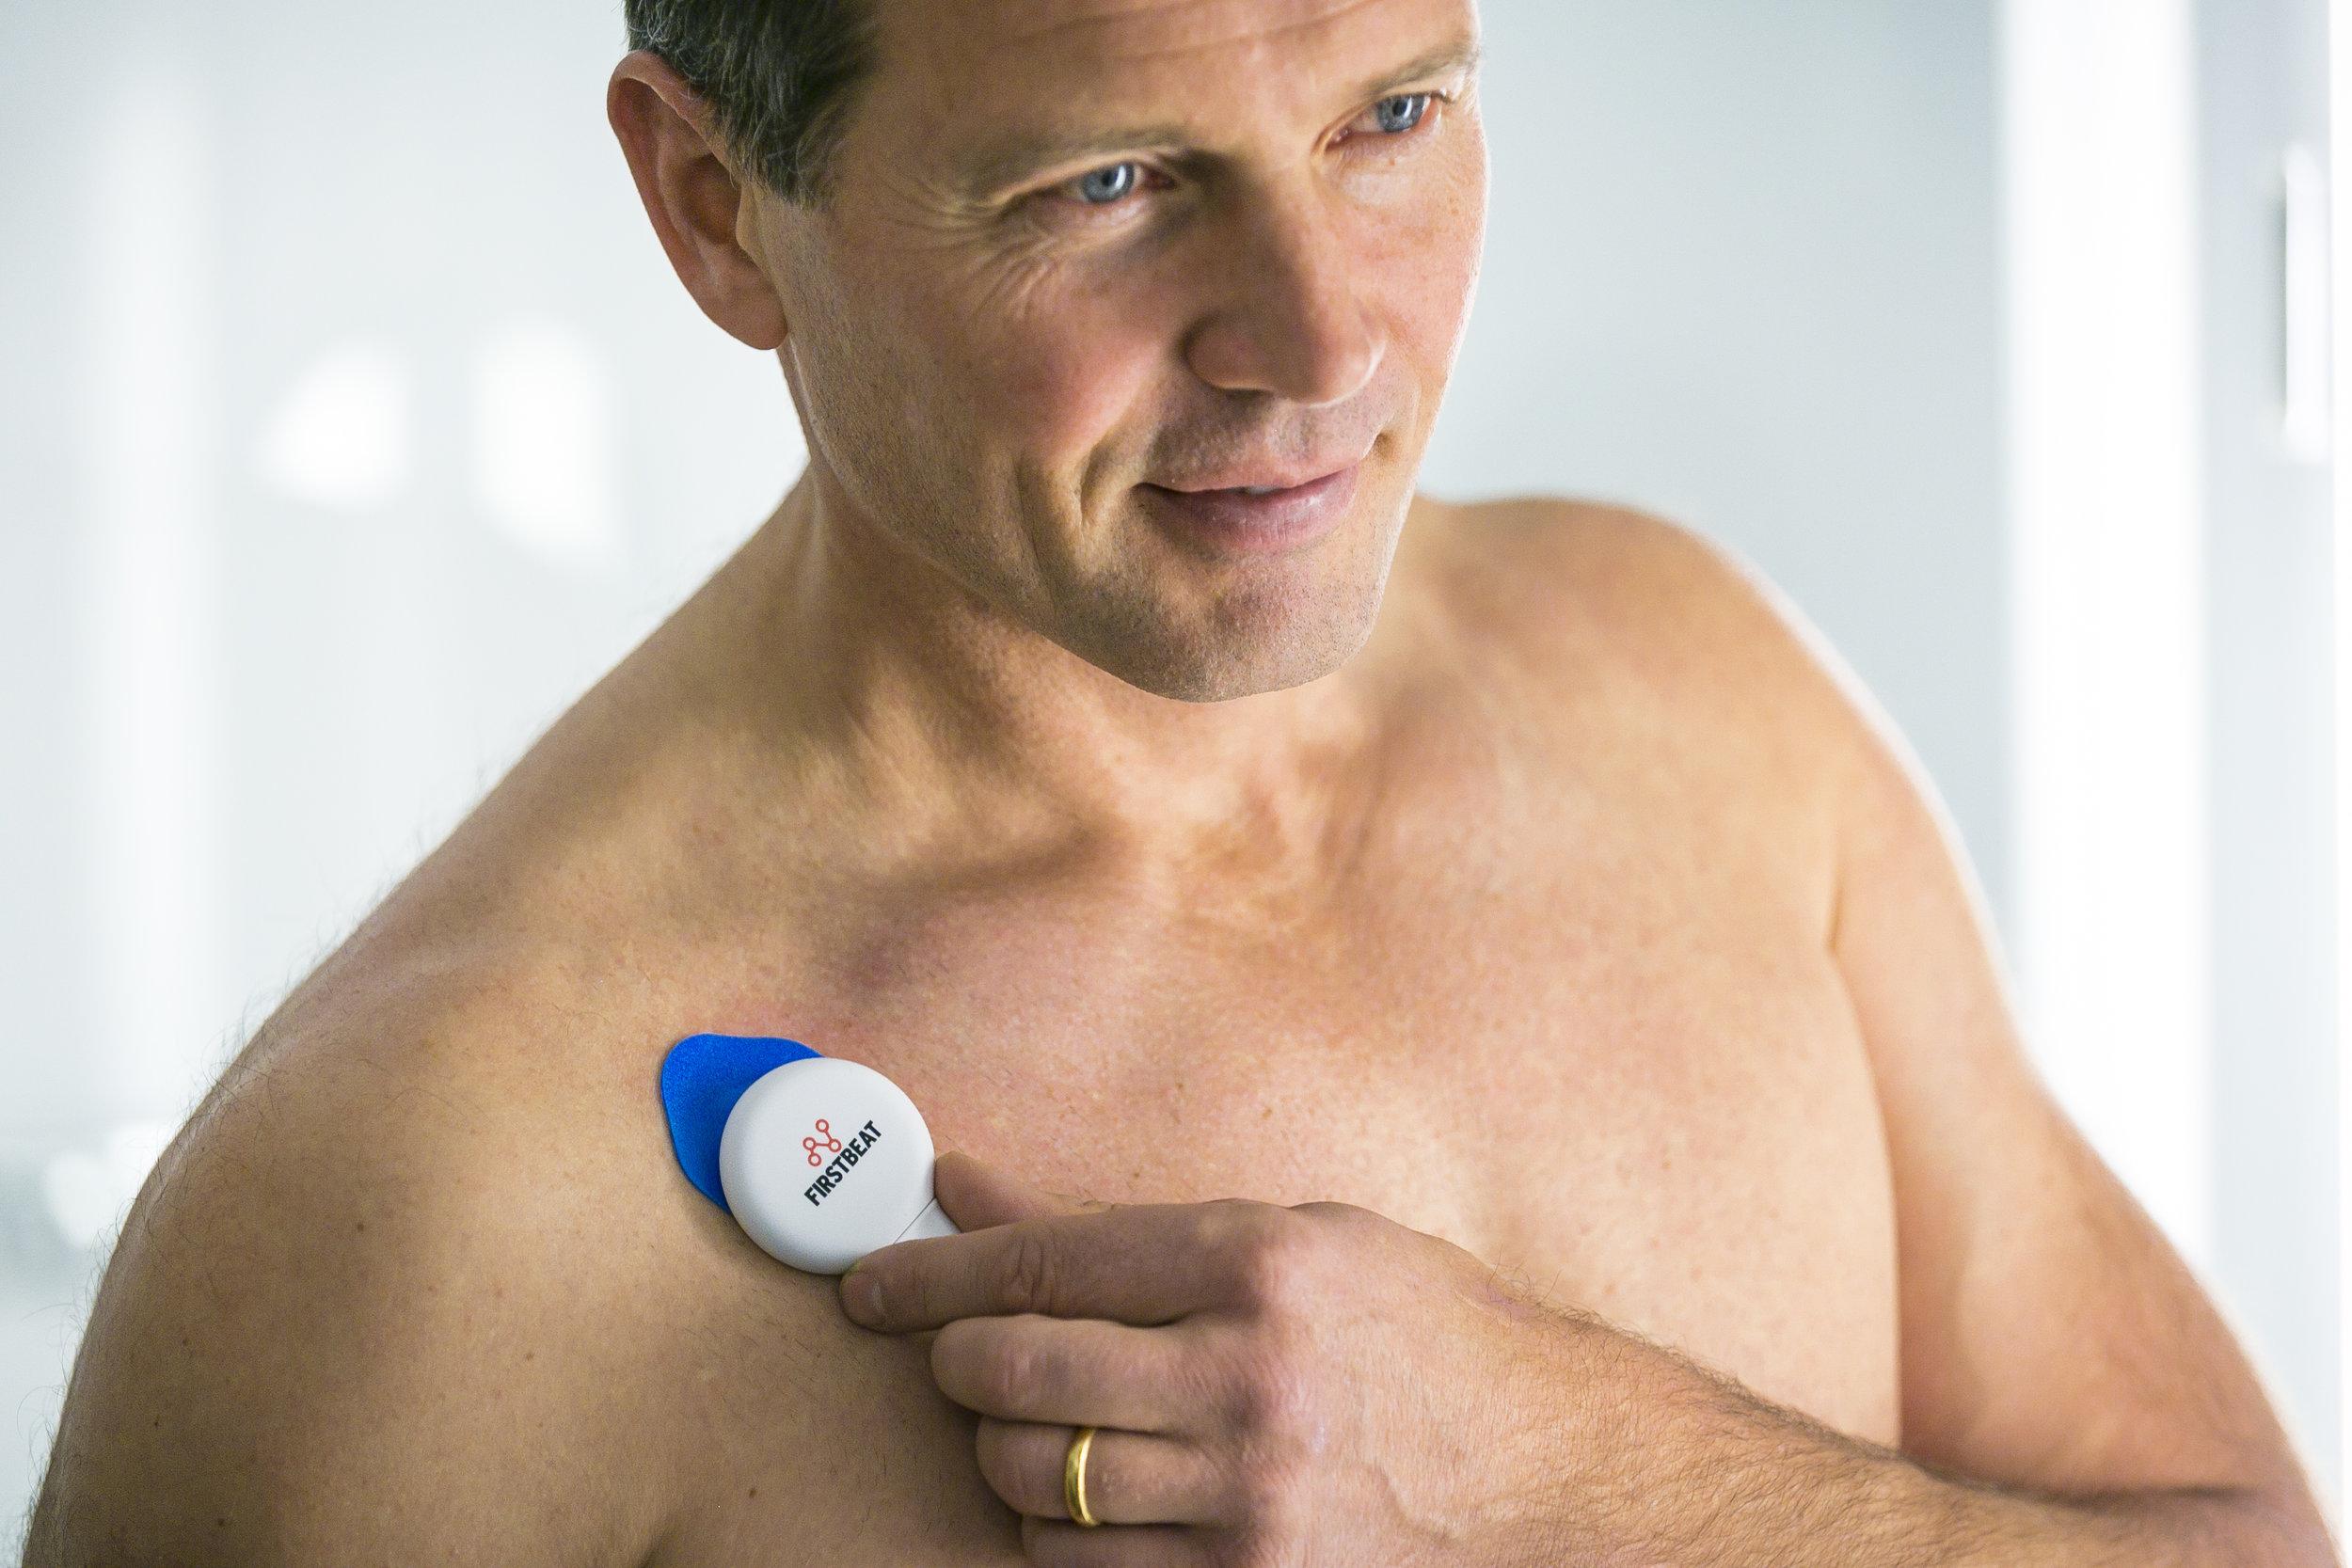 Firstbeat-mittaus - Firstbeat-mittaus on suomalaisen Firstbeat Technologies:n kehittämä, tieteellisesti todistettu sykevälivaihteluun perustuva mittaus-menetelmä, jonka perusteella voidaan luoda katsaus yksilön hyvinvointiin.